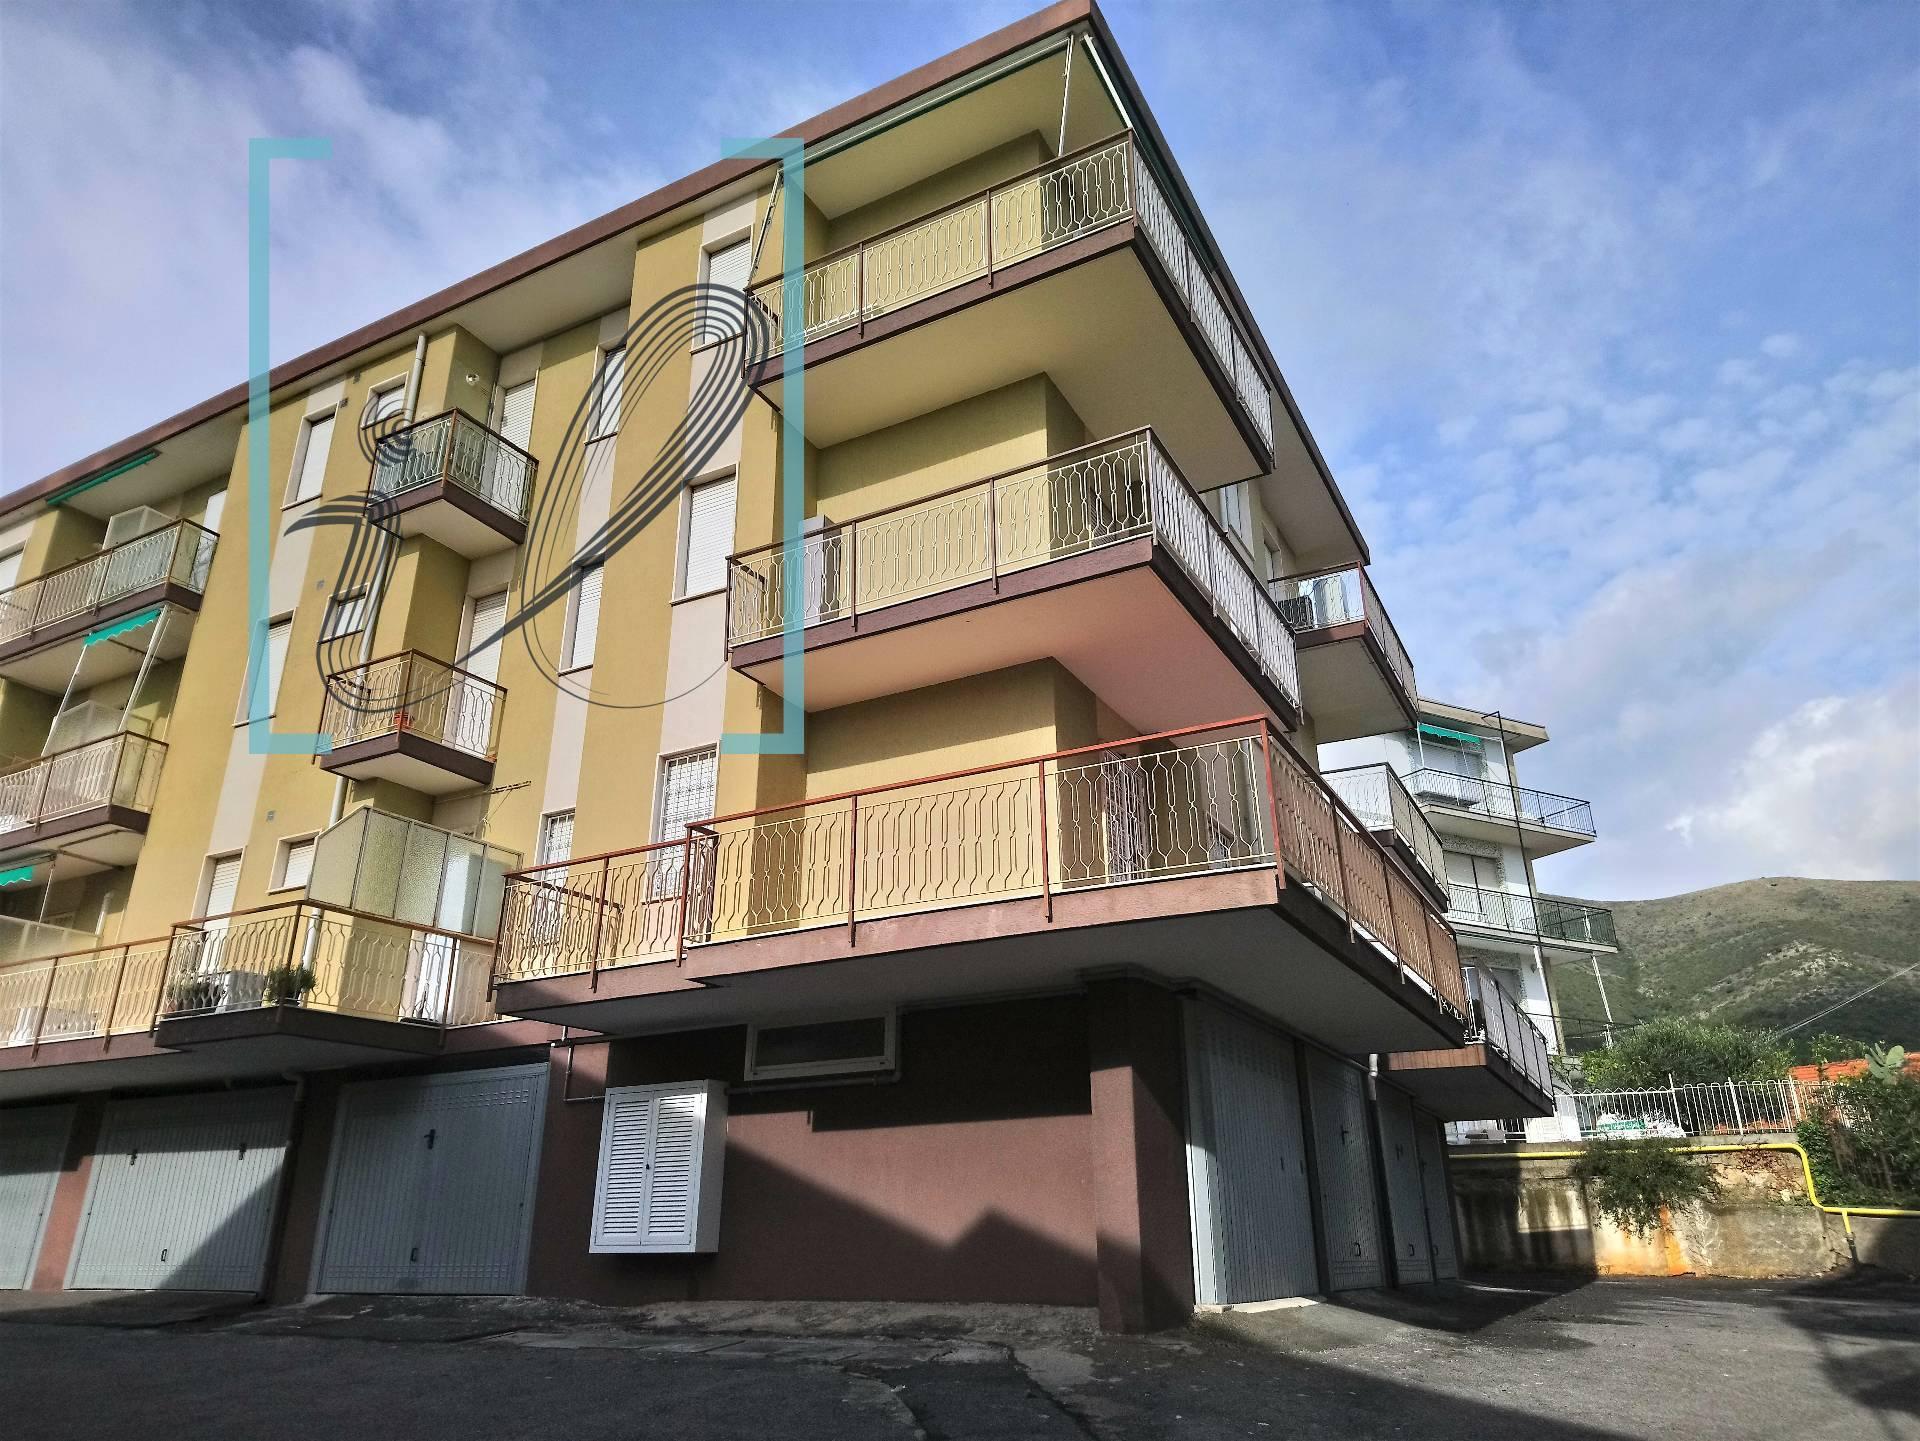 Appartamento in vendita a Ceriale, 3 locali, prezzo € 130.000 | PortaleAgenzieImmobiliari.it